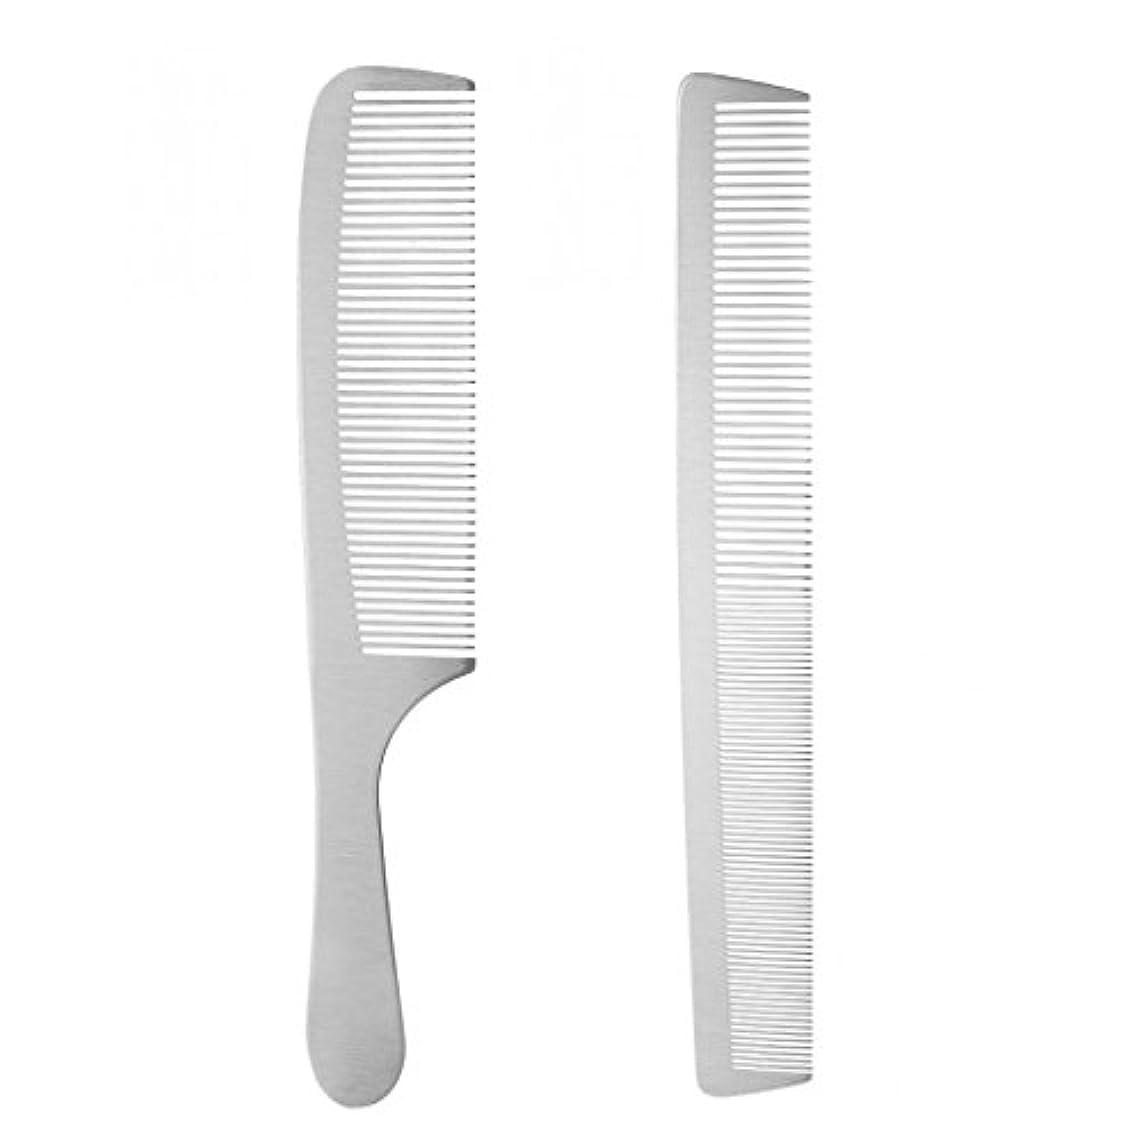 姿を消す引き出しゴールBaosity 2個 ヘアスタイリング ヘアカットコーム 櫛 ヘアブラシ ステンレス鋼 サロン 理髪師 カッティング 耐久性 耐熱性